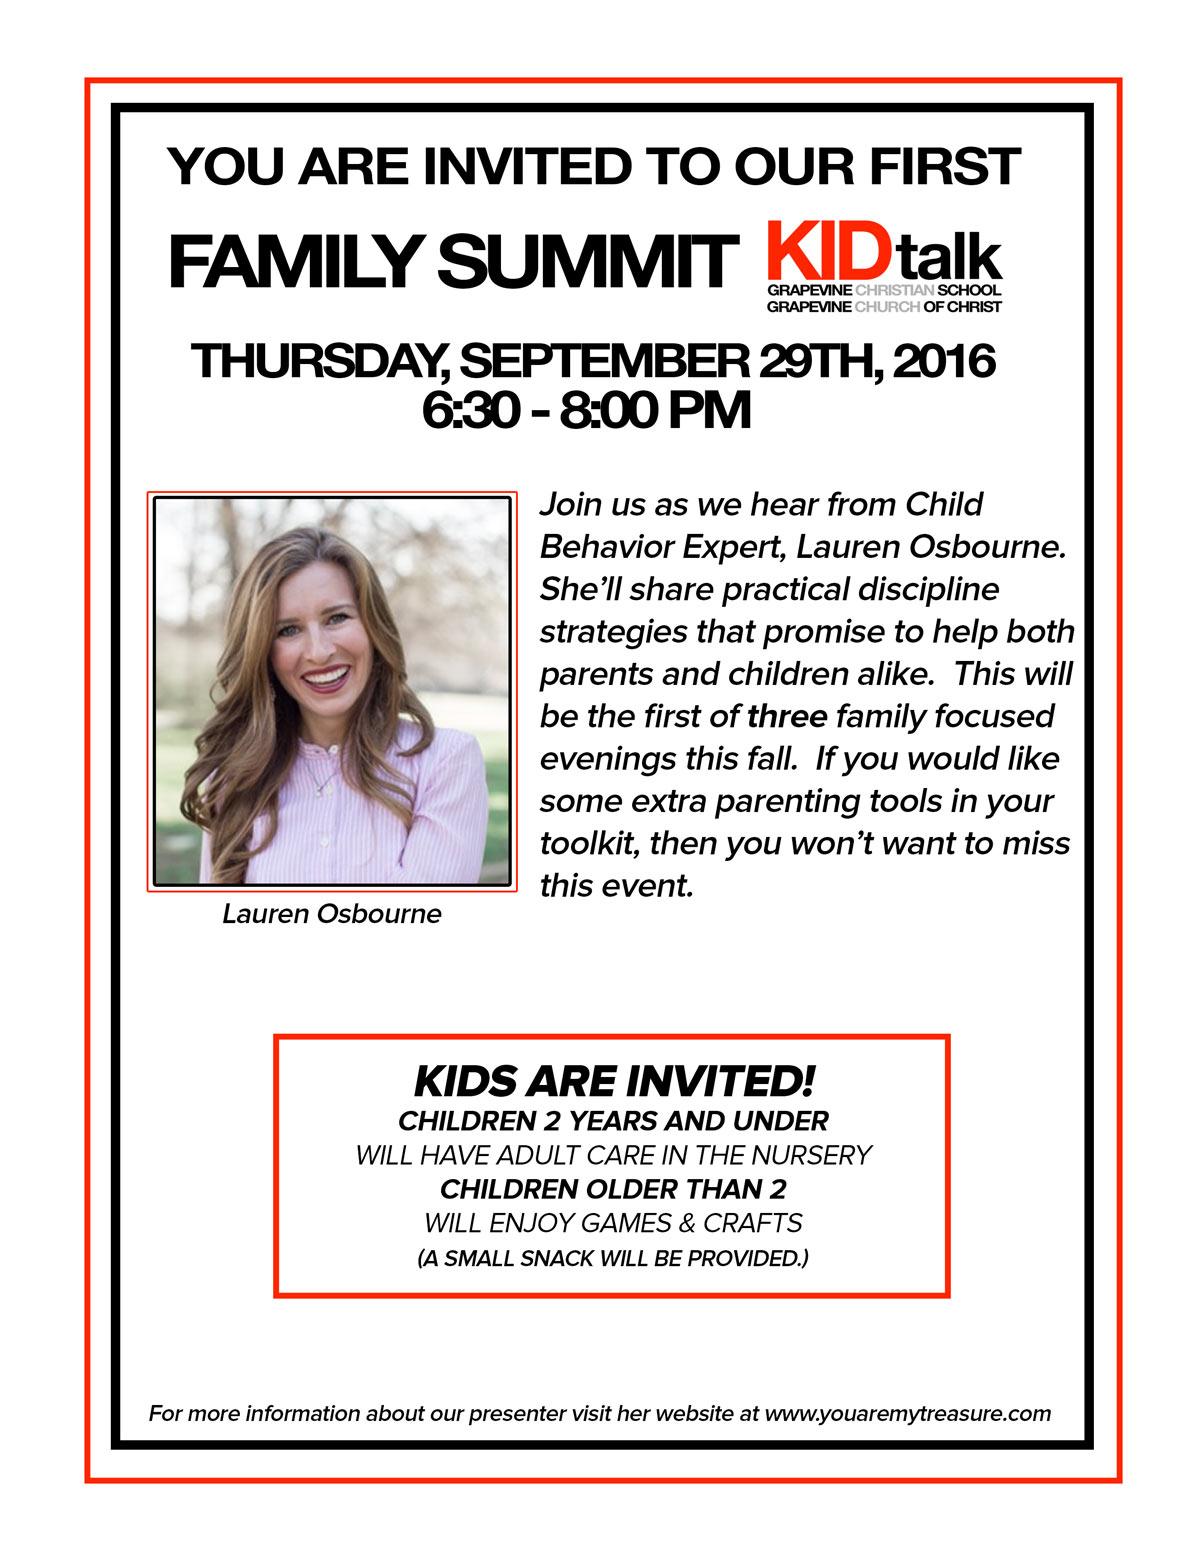 kid-talk-familysummit